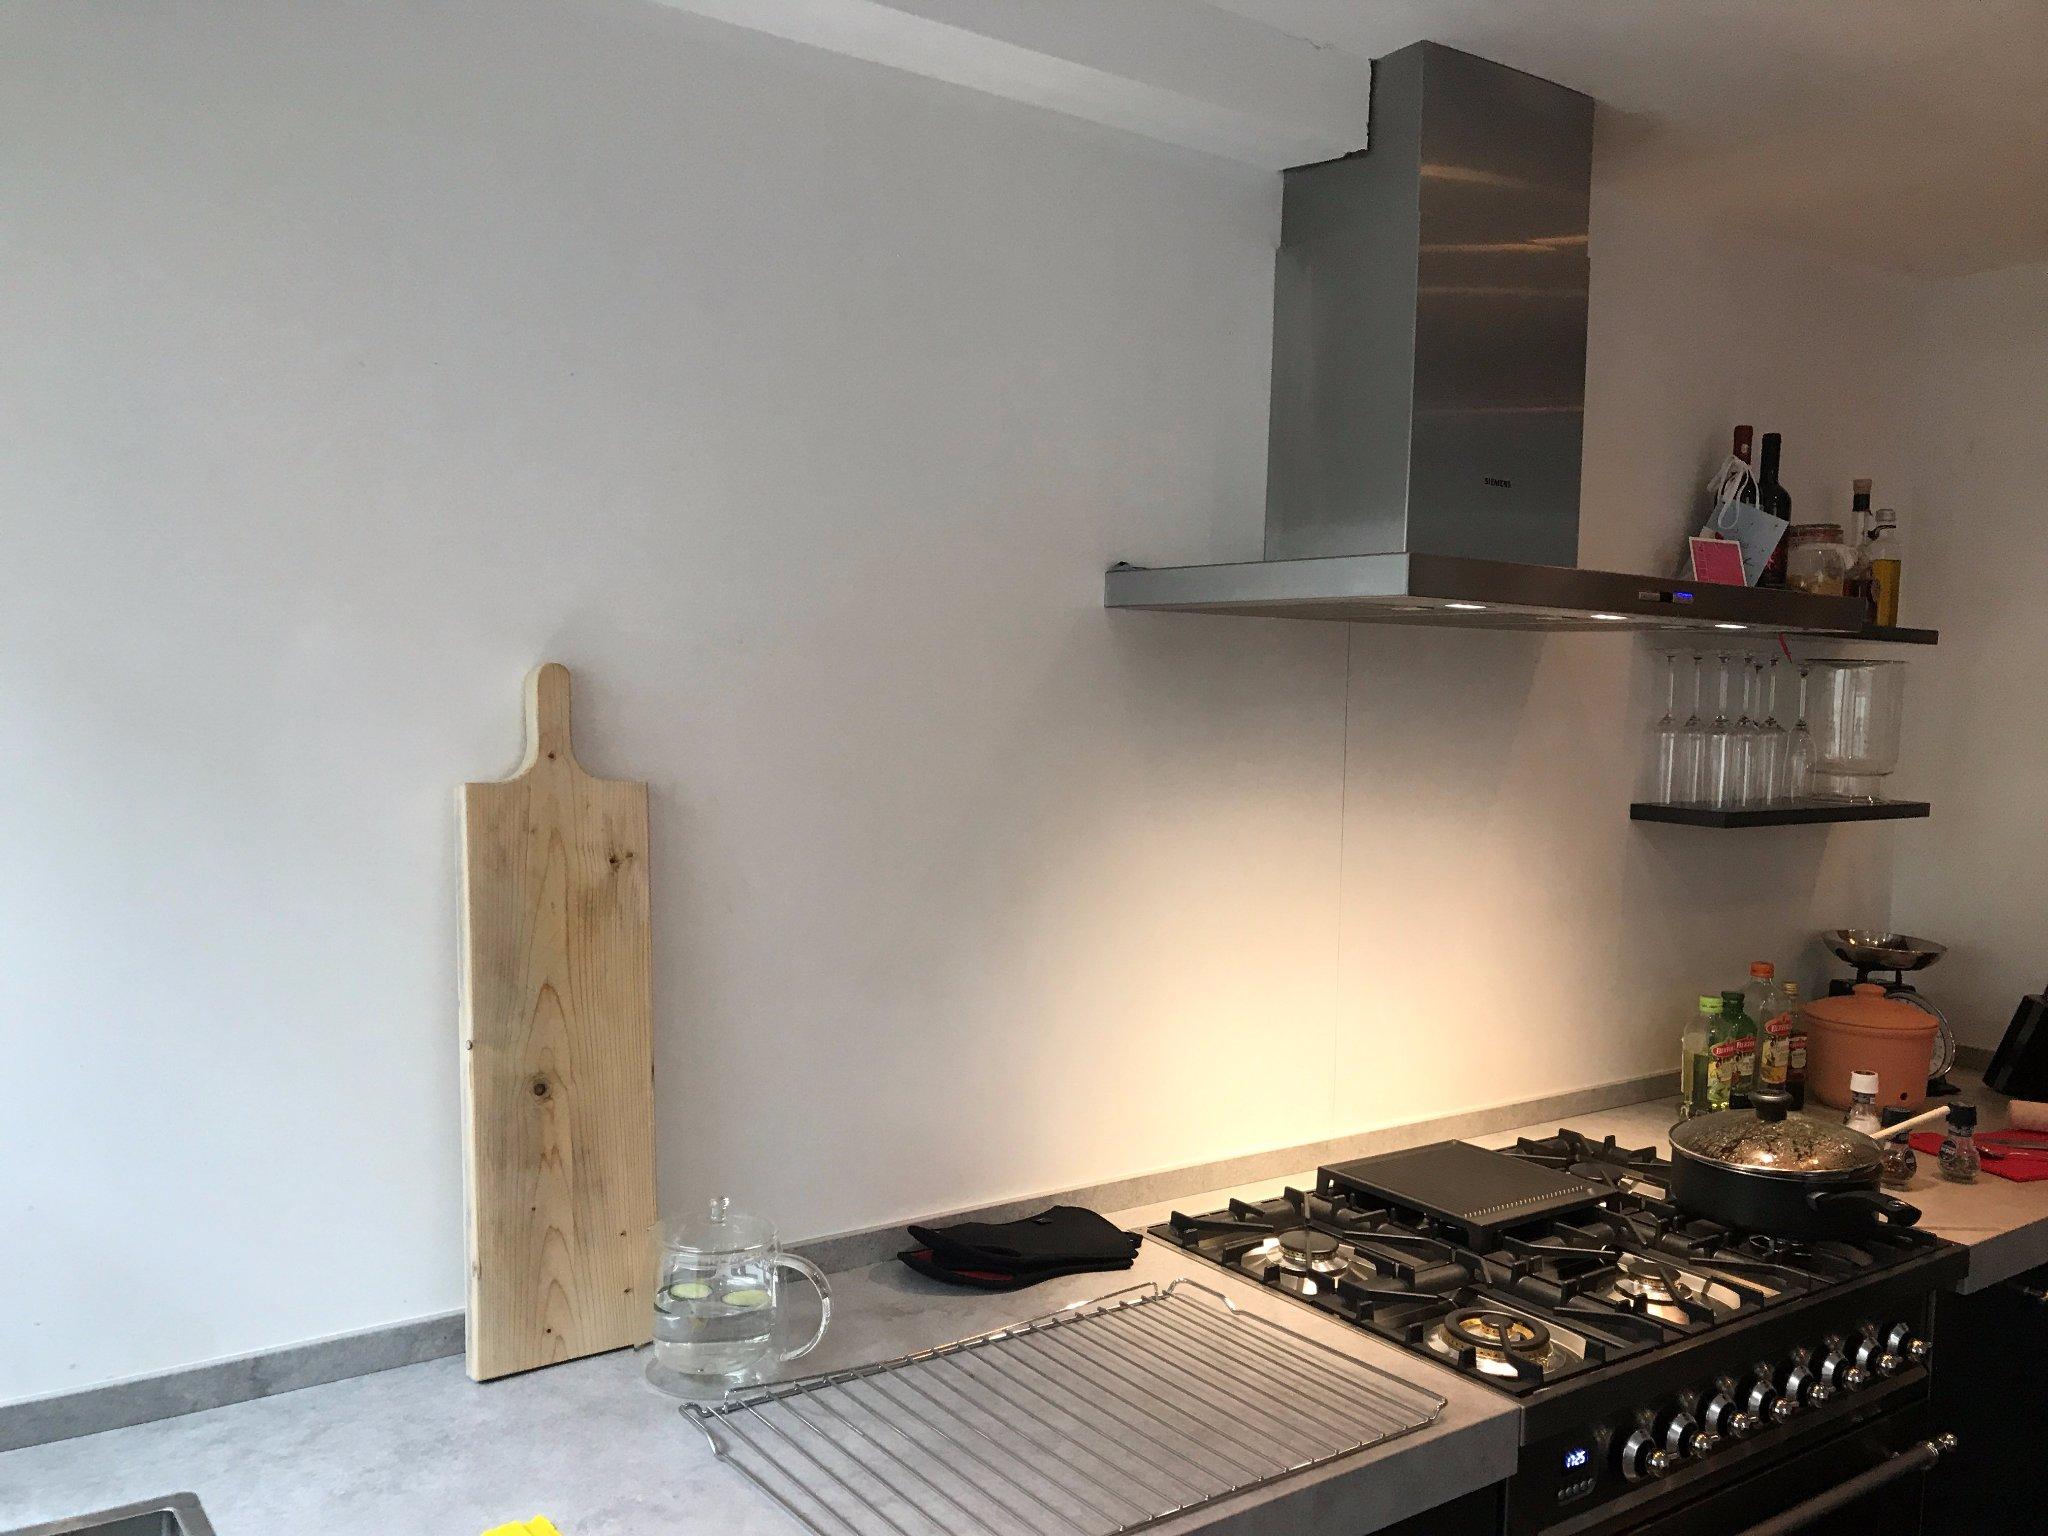 Muur Keuken Kleine : Beton cire op muur keuken en kleine reparaties op plafond en koof